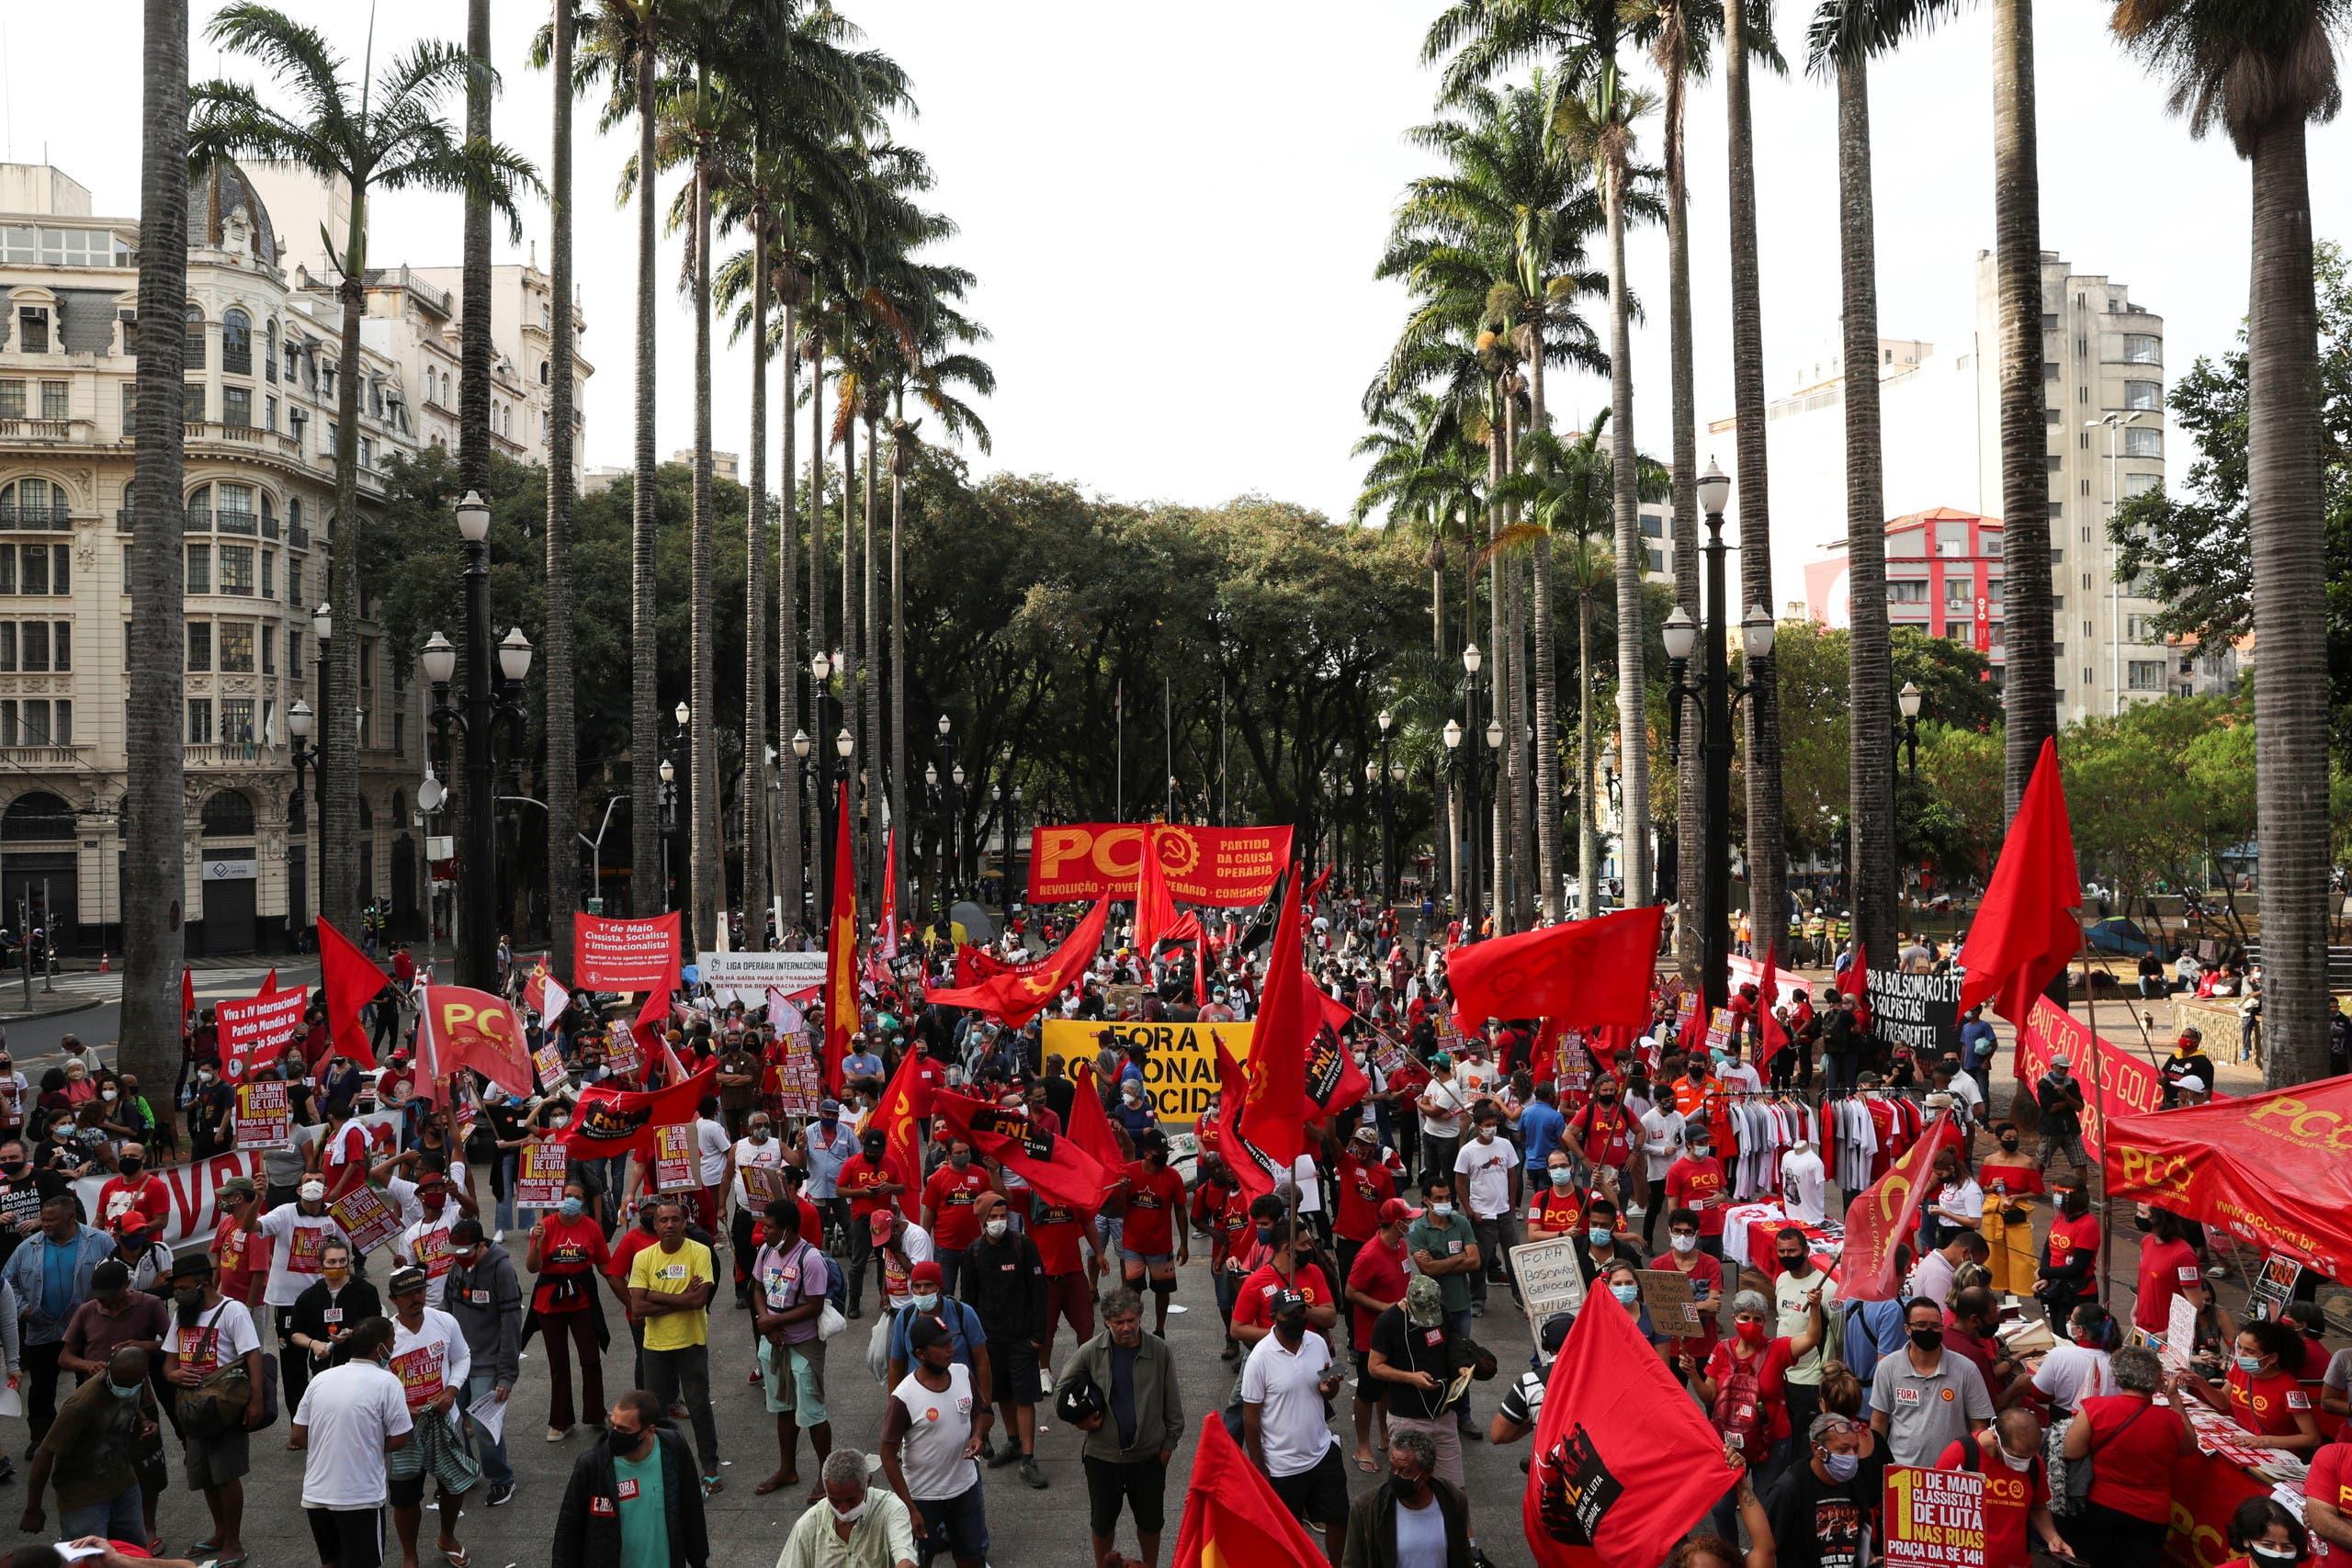 مظاهرة مناهضة لبولسونارو في ساو باولو